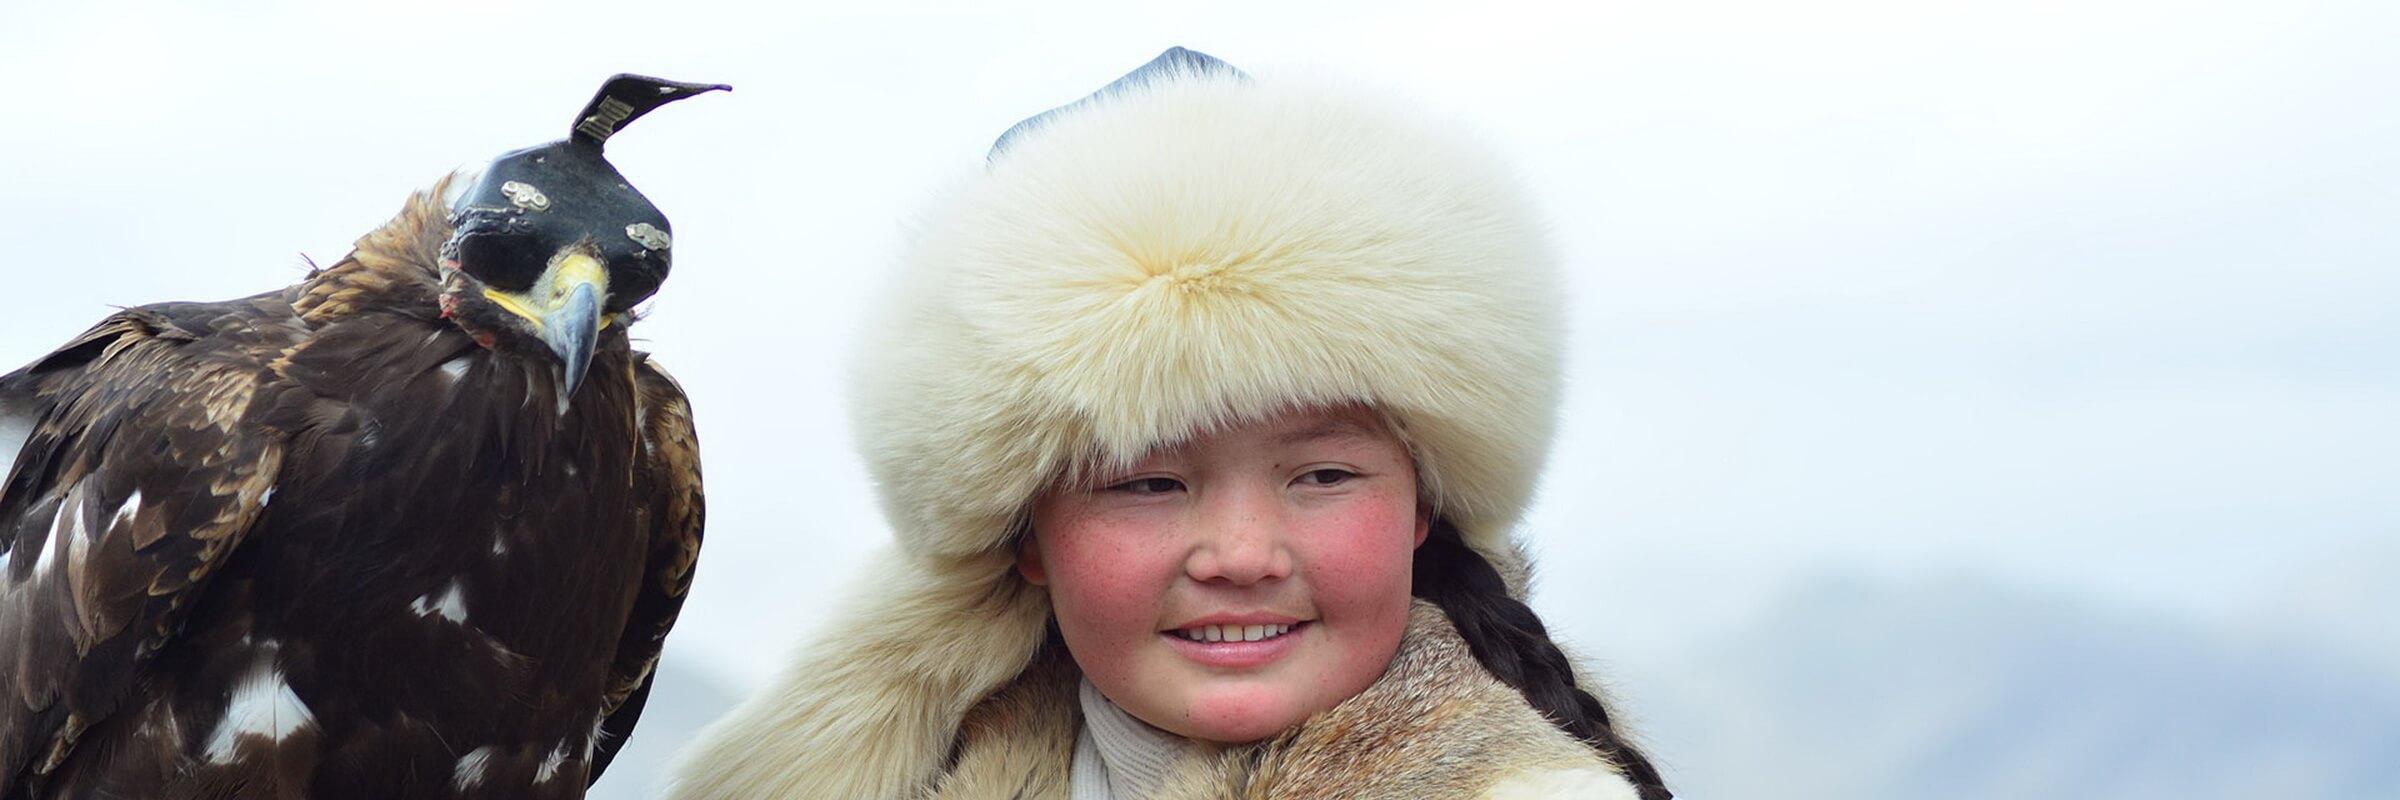 """Junge Gewinnerin der Adlerwettkämpfe beim """"Golden Eagle Festival"""" ein Höhepunkte einer Mongolei Reise"""